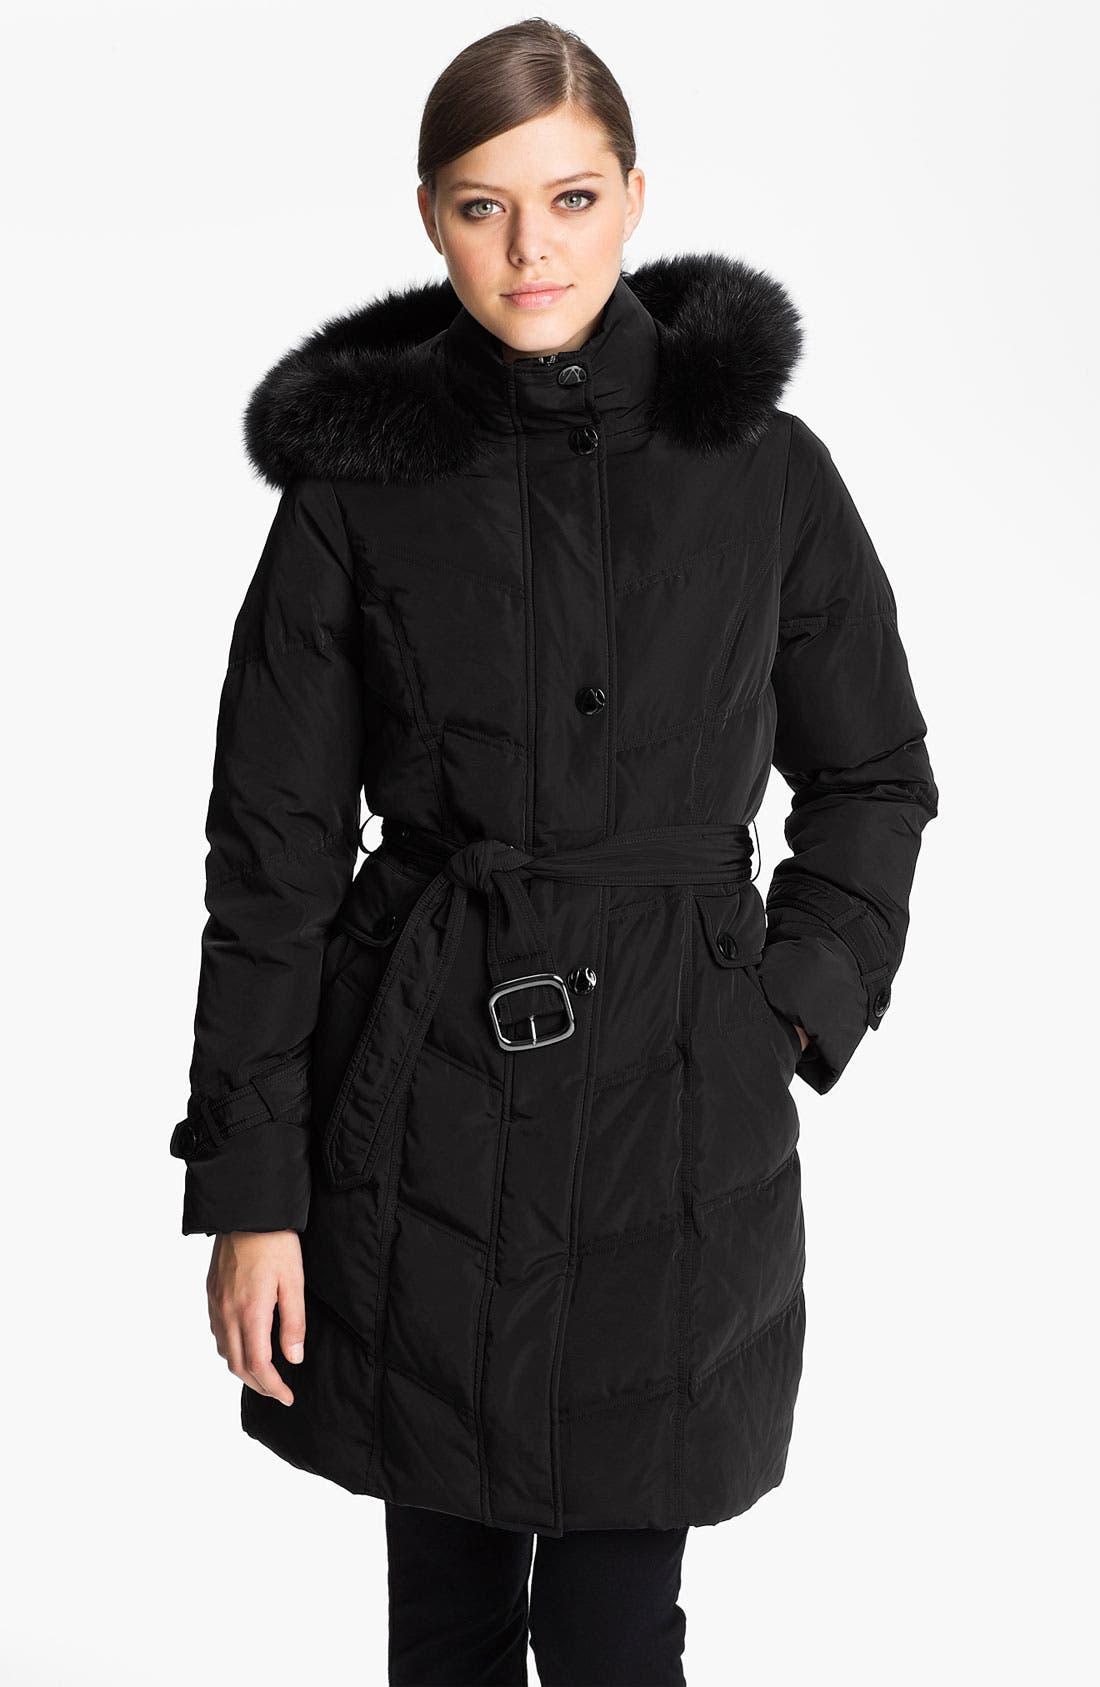 Alternate Image 1 Selected - Sachi Genuine Fox Fur Trim Down Walking Coat